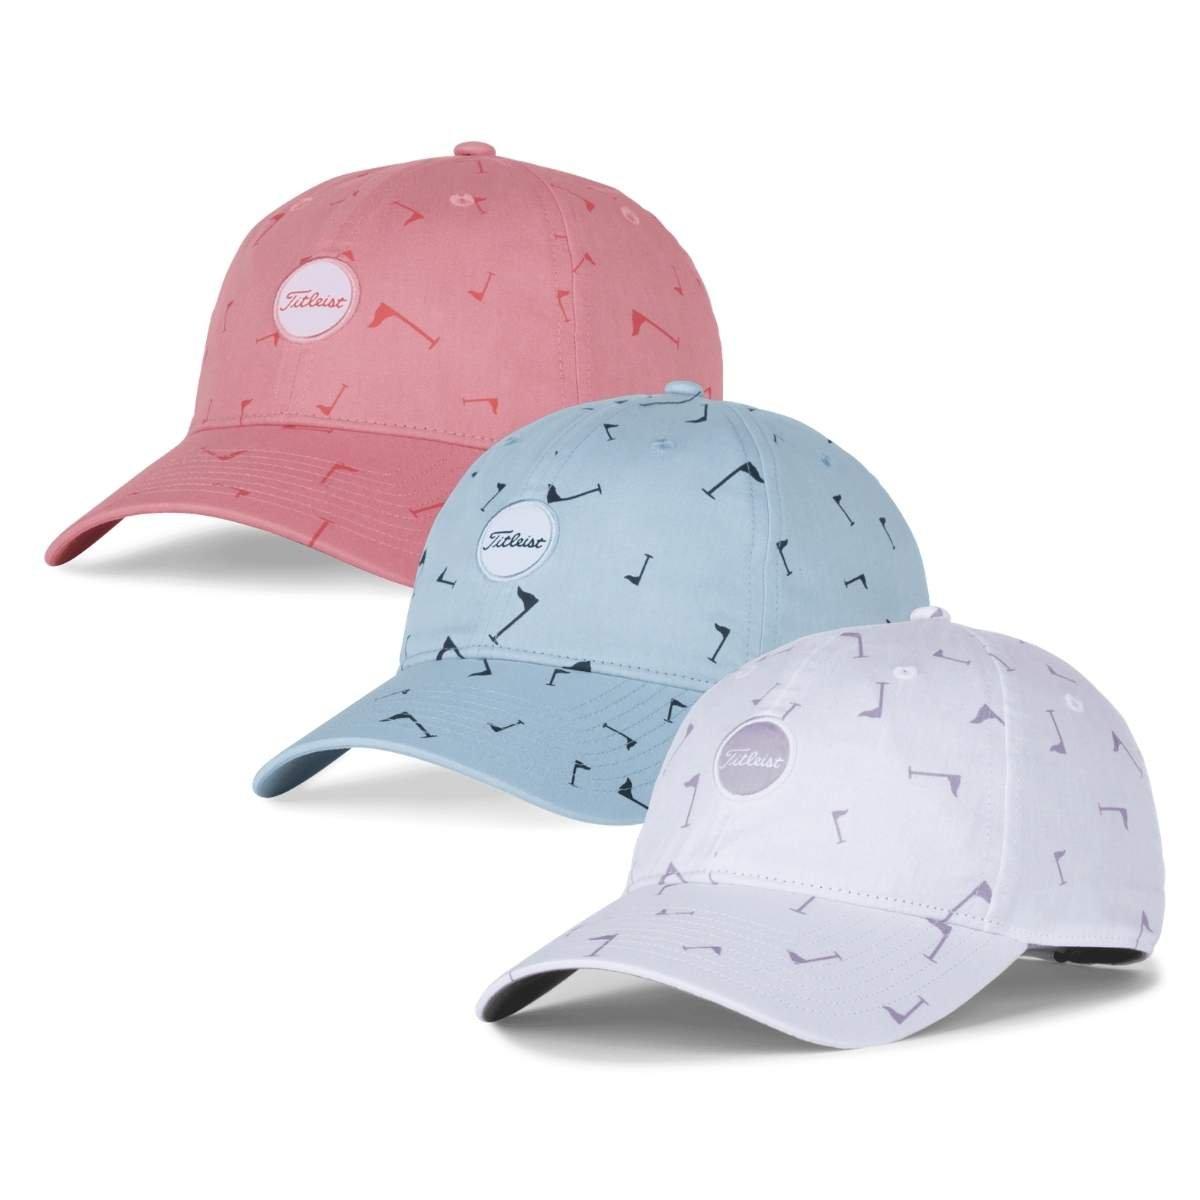 Titleist Women's 2021 Montauk Prints Hat